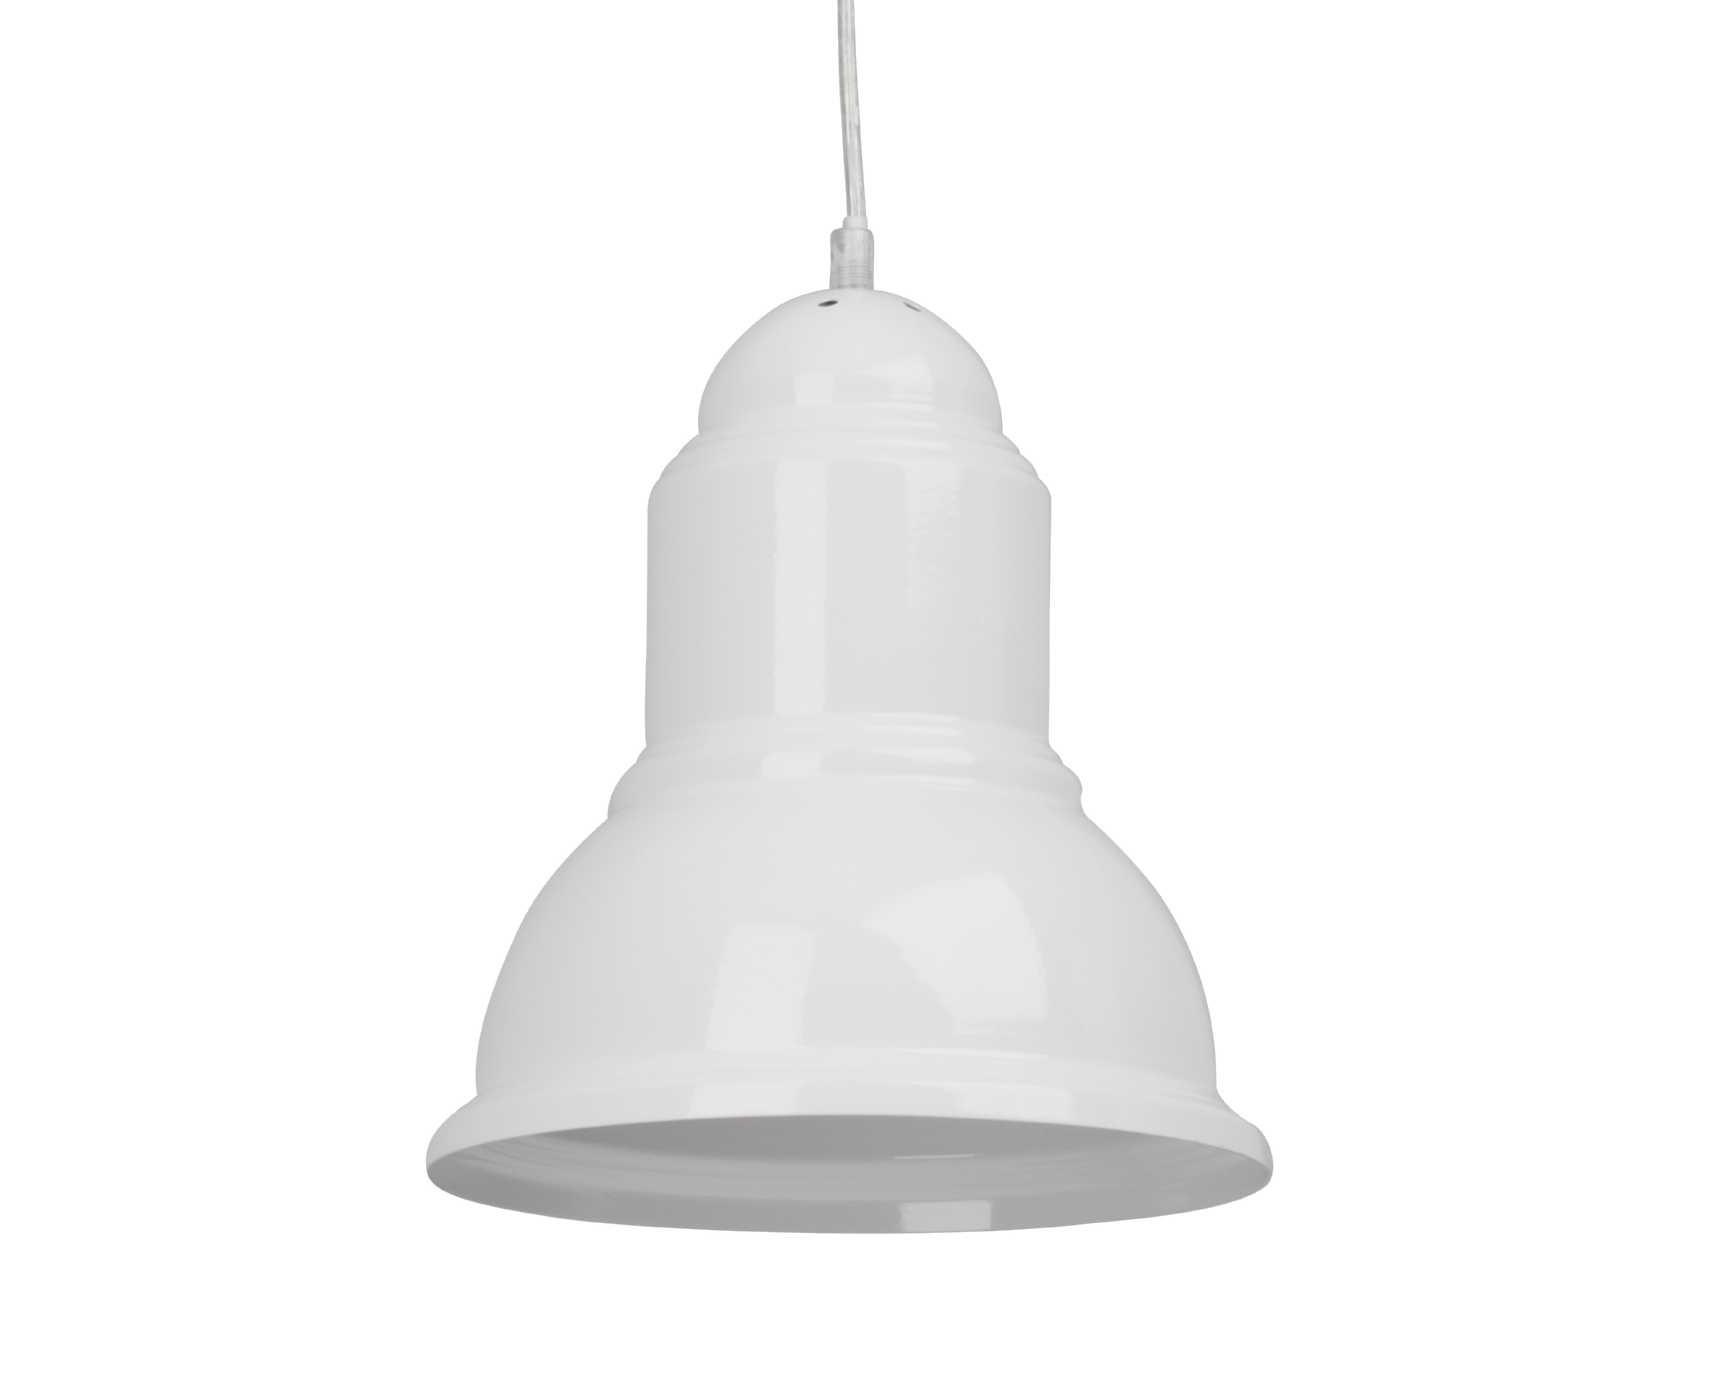 Светильник потолочный AlmiraПодвесные светильники<br>&amp;lt;div&amp;gt;Вид цоколя: E27&amp;lt;/div&amp;gt;&amp;lt;div&amp;gt;Мощность: 60W&amp;lt;/div&amp;gt;&amp;lt;div&amp;gt;Количество ламп: 1&amp;lt;/div&amp;gt;<br><br>Material: Металл<br>Diameter см: 23